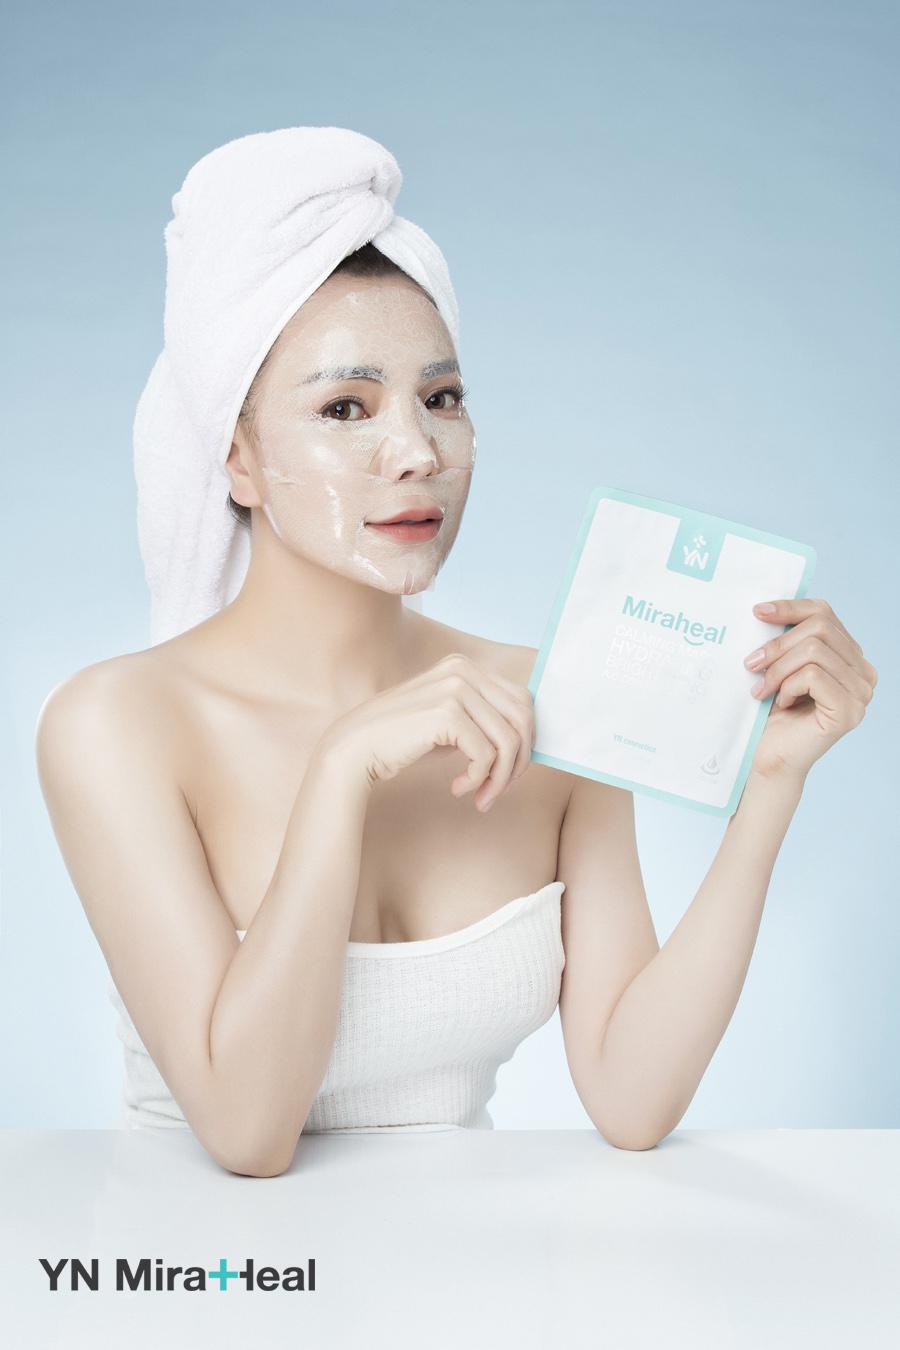 Mặt nạ dưỡng ẩm YN Miraheal Calming Mask với thiết kế ren đặc biệt kết hợp với lớp mặt nạ hydrogel an toàn với mọi loại da, có thể sử dụng 2 lần/tuần